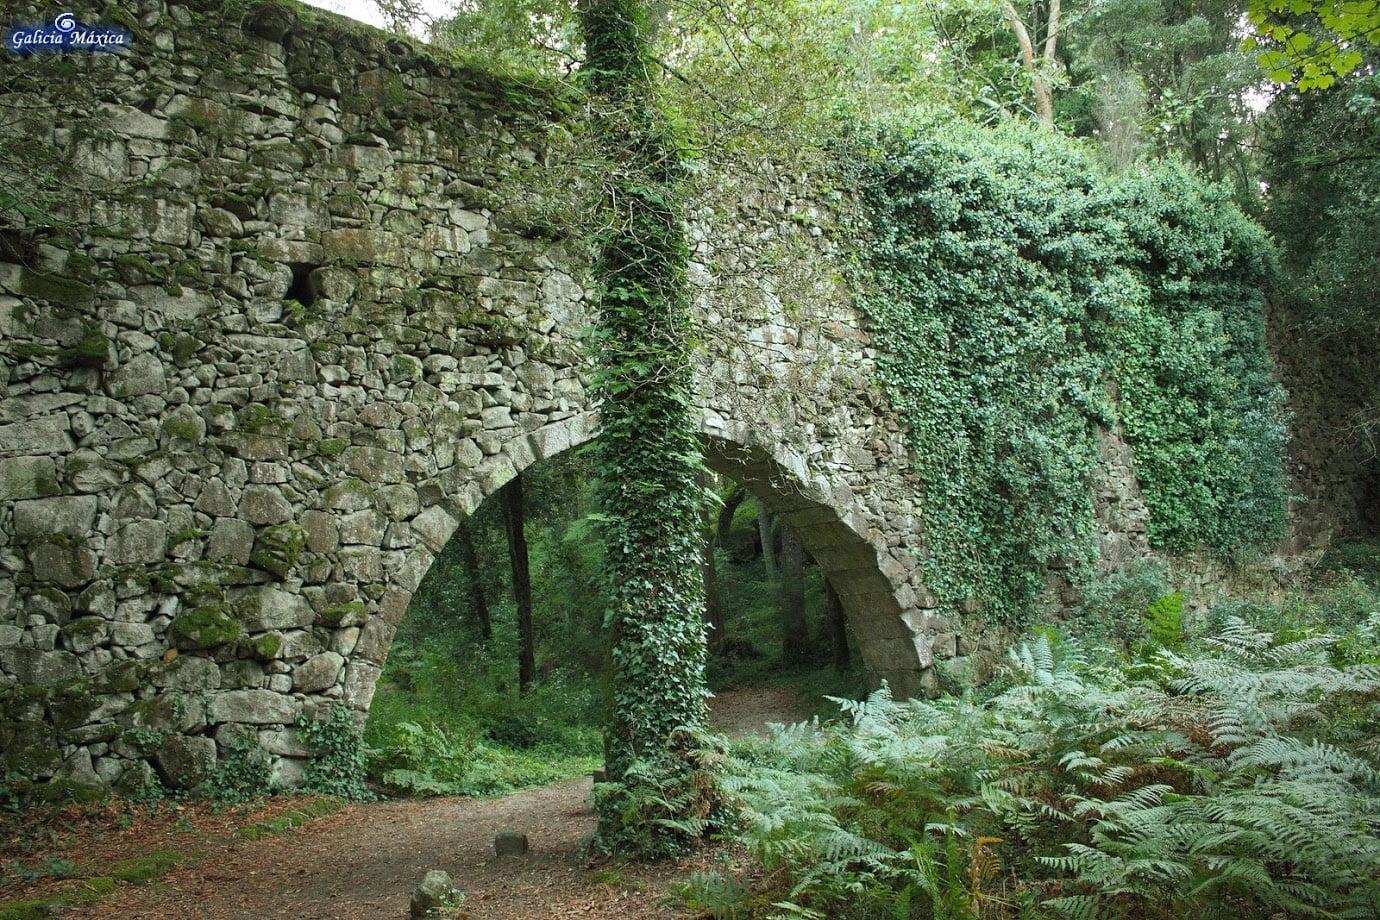 Acueducto del bosque Encantado